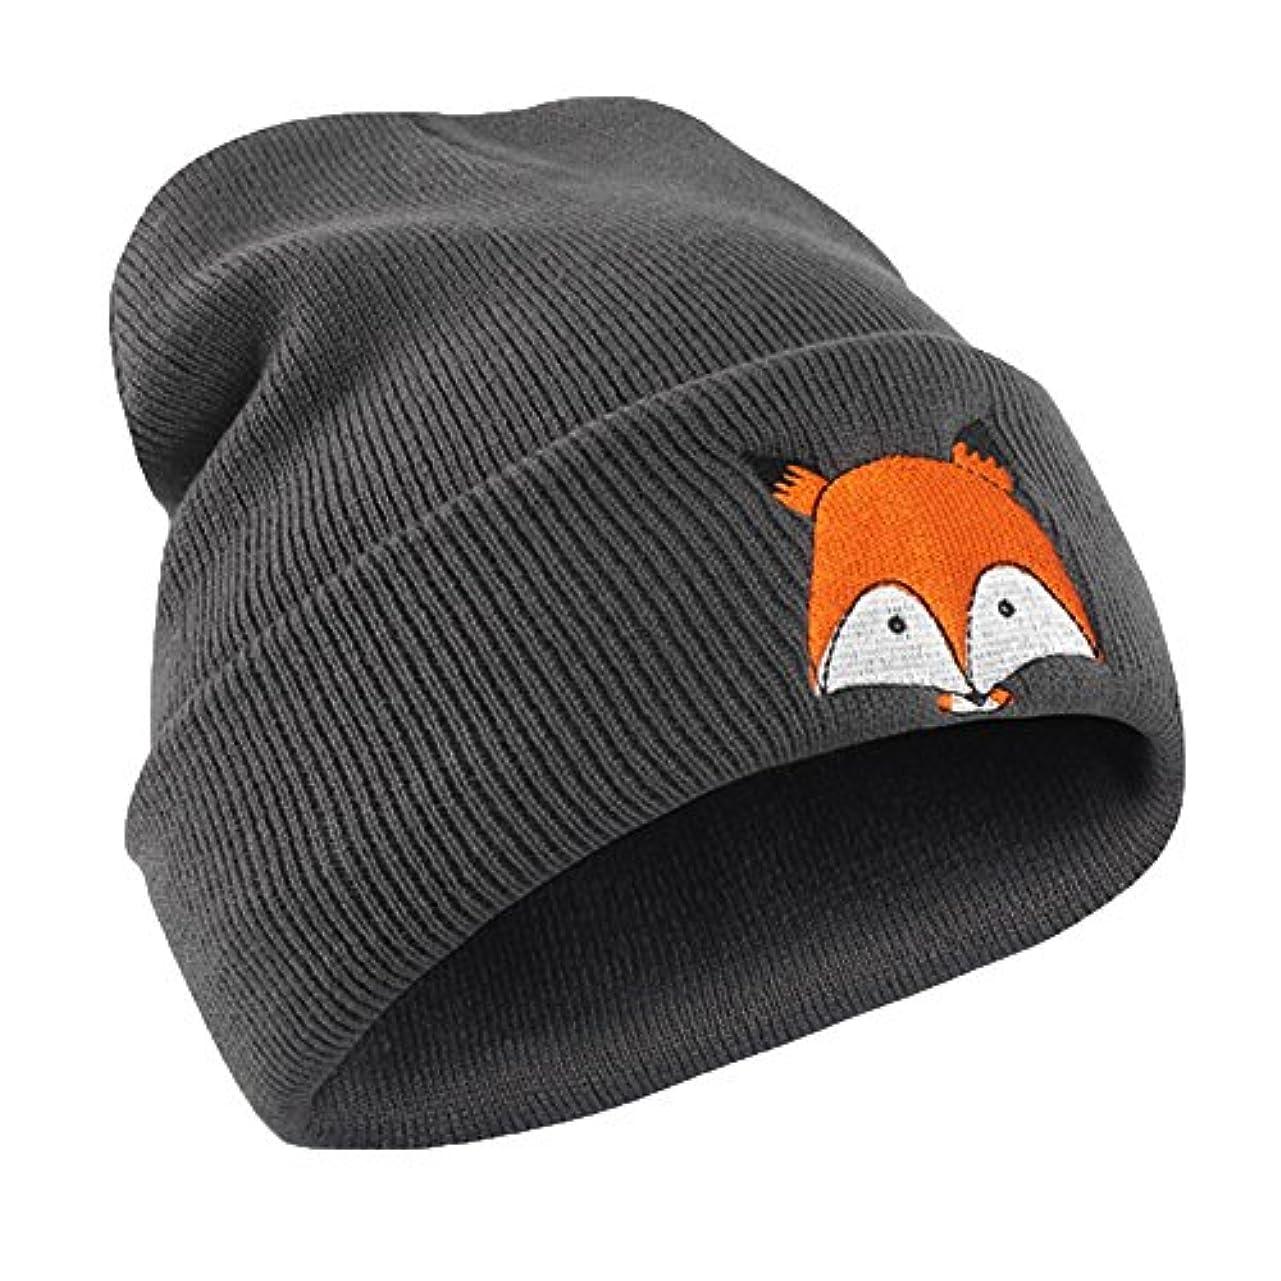 感染するアルバニーのれんRacazing ウールニット ニット帽 狐狸 刺繍 縮らす ニット帽 選べる6色 防寒対策 防風 暖かい 軽量 屋外 スキー 自転車 クリスマス ニット帽 Hat 淑女 (暗灰色)